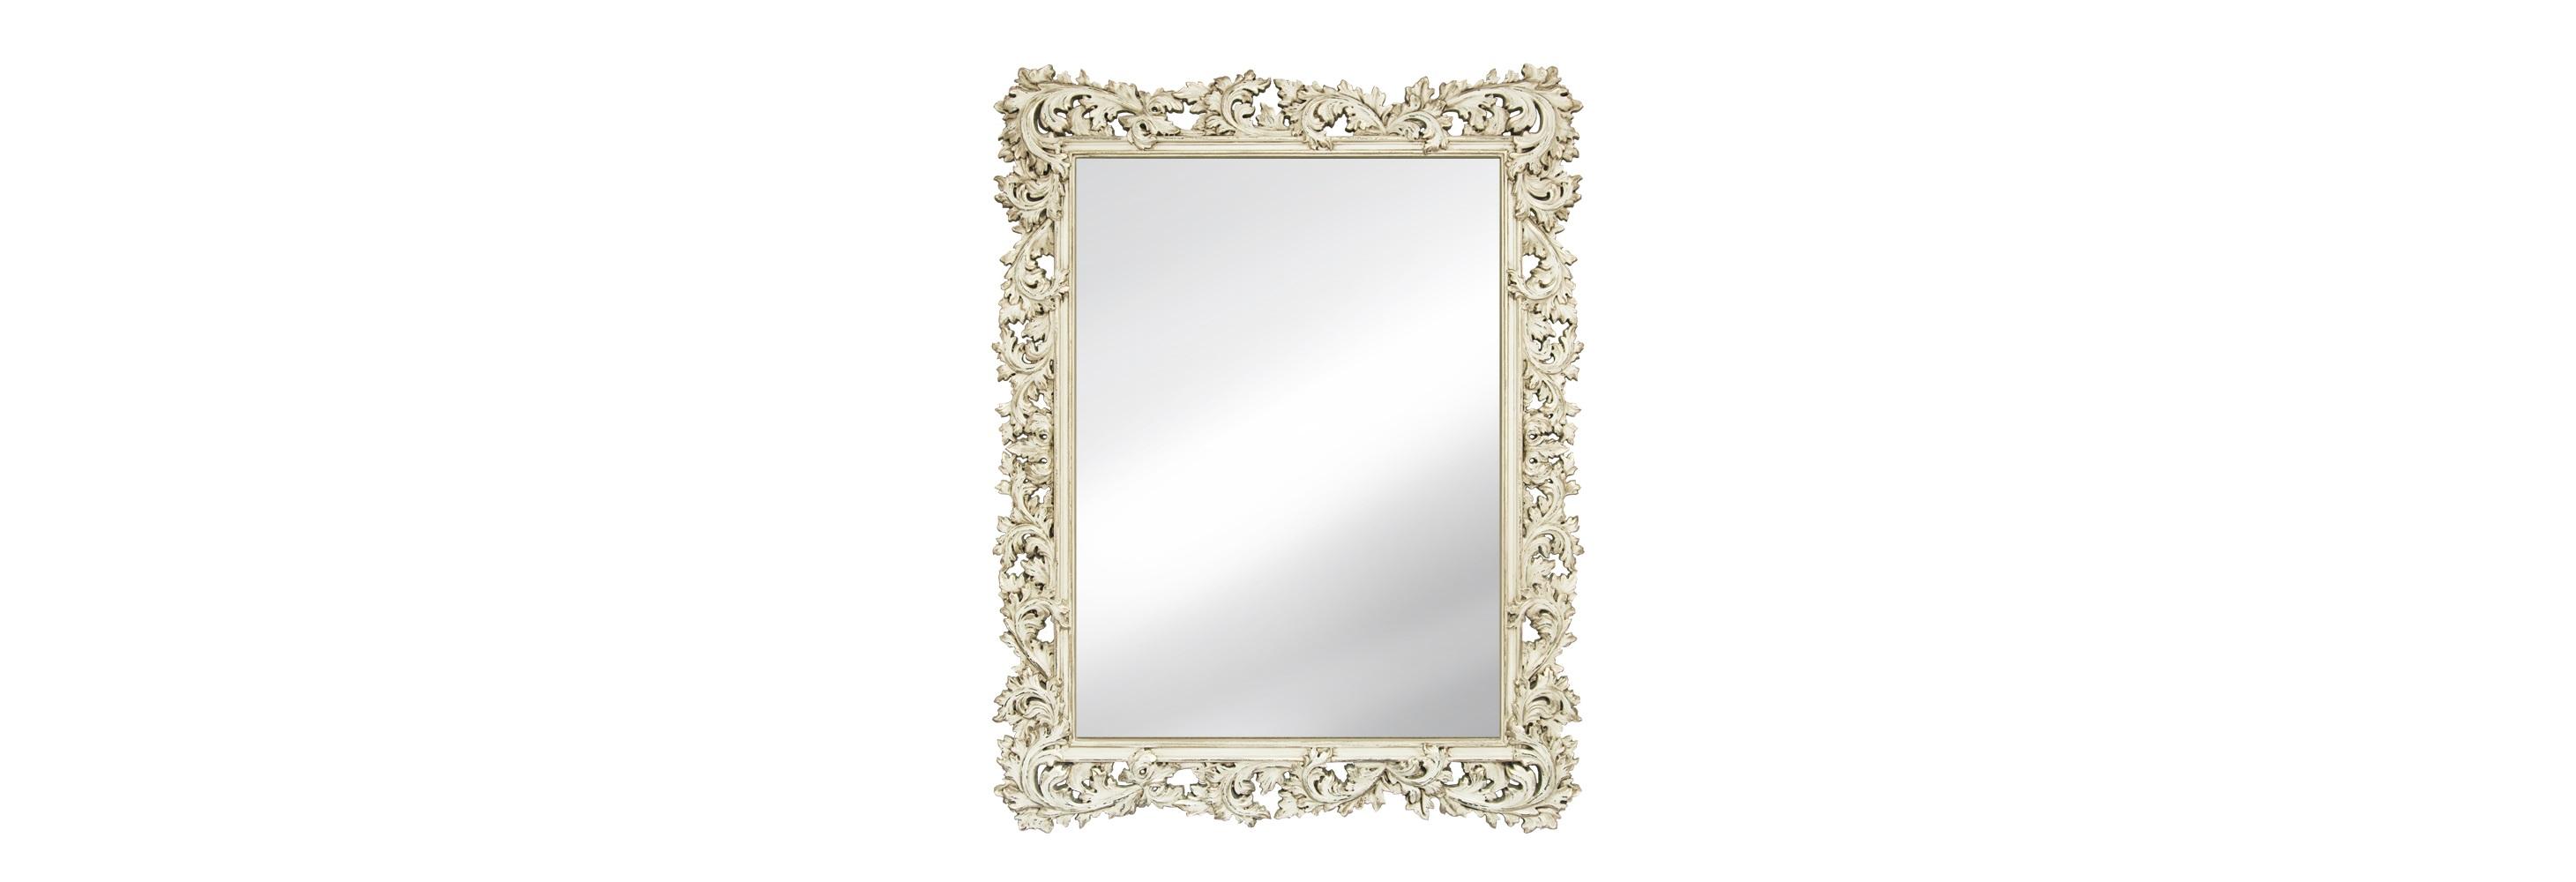 Стильное зеркало в раме ПровансНастенные зеркала<br>&amp;lt;div&amp;gt;Интерьеру в романтичном стиле Прованс или ультрамодном шебби-шик просто никуда без винтажного зеркала. Рама для этого, например, сделана по всем канонам: имитация роскошной древесины и сусального золота, дыхание старины плюс легкая небрежность. Очень нежно, очень мило. Для изготовления багета использован мебельный пенополиуретан, достаточно практичный материал, который не боится влаги и очень крепок. Можно сказать, практически вечен.&amp;lt;/div&amp;gt;&amp;lt;div&amp;gt;&amp;lt;br&amp;gt;&amp;lt;/div&amp;gt;&amp;lt;div&amp;gt;Цвет:&amp;amp;nbsp;Слоновая кость Шебби-шик Патина Золото&amp;lt;/div&amp;gt;<br><br>Material: Полиуретан<br>Length см: None<br>Width см: 88<br>Depth см: 4<br>Height см: 115